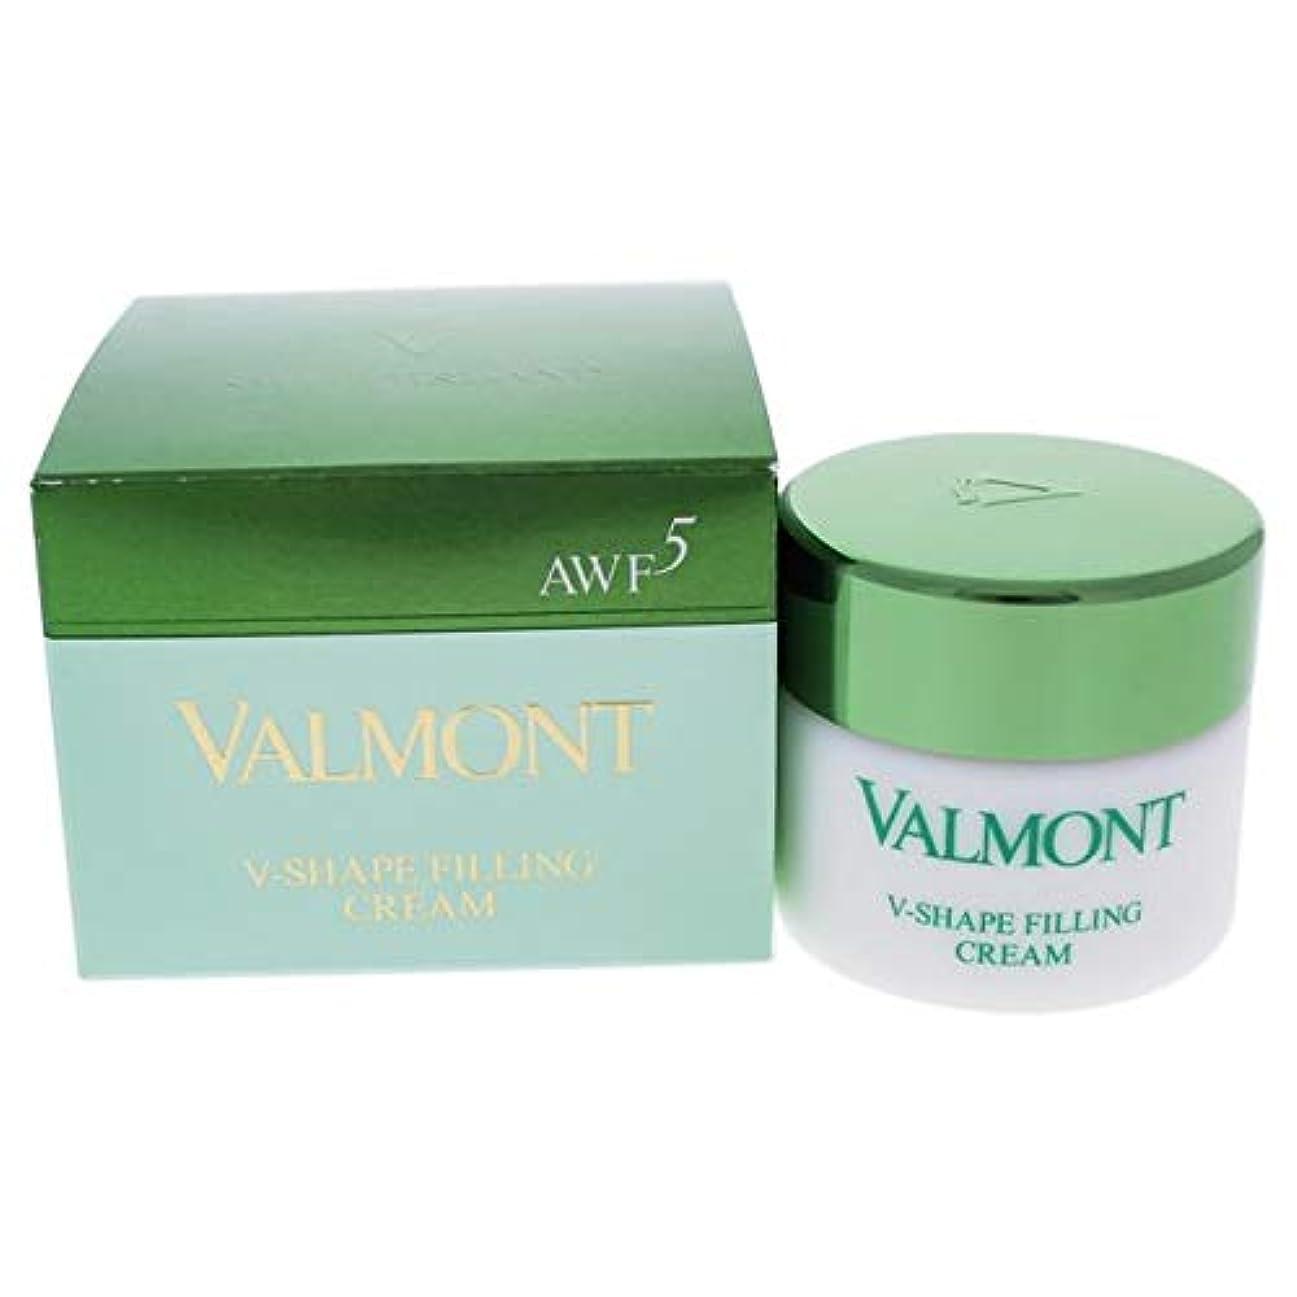 読みやすさアルカイック落花生ヴァルモン AWF5 V-Shape Filling Cream 50ml/1.7oz並行輸入品